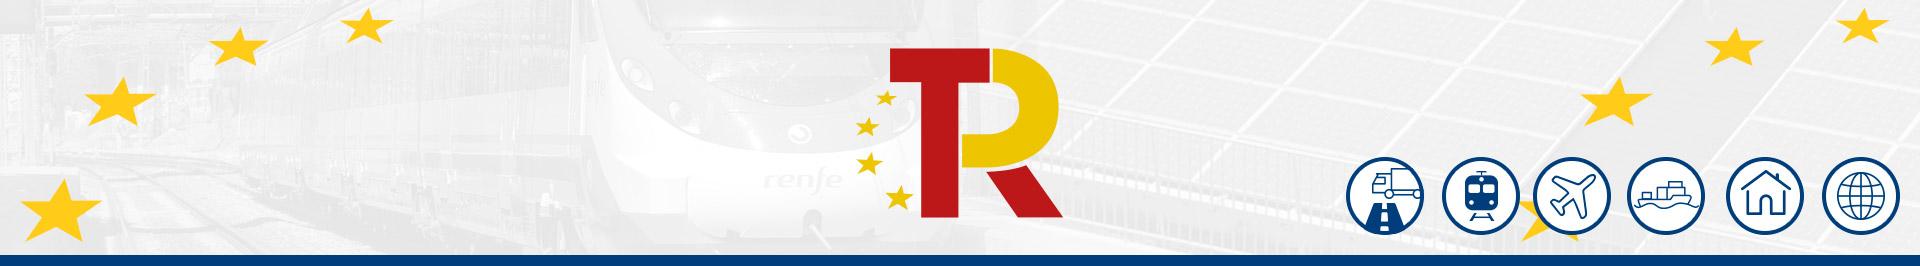 Imagen de cabecera del apartado Participación del Ministerio de Transportes, Movilidad y Agenda Urbana